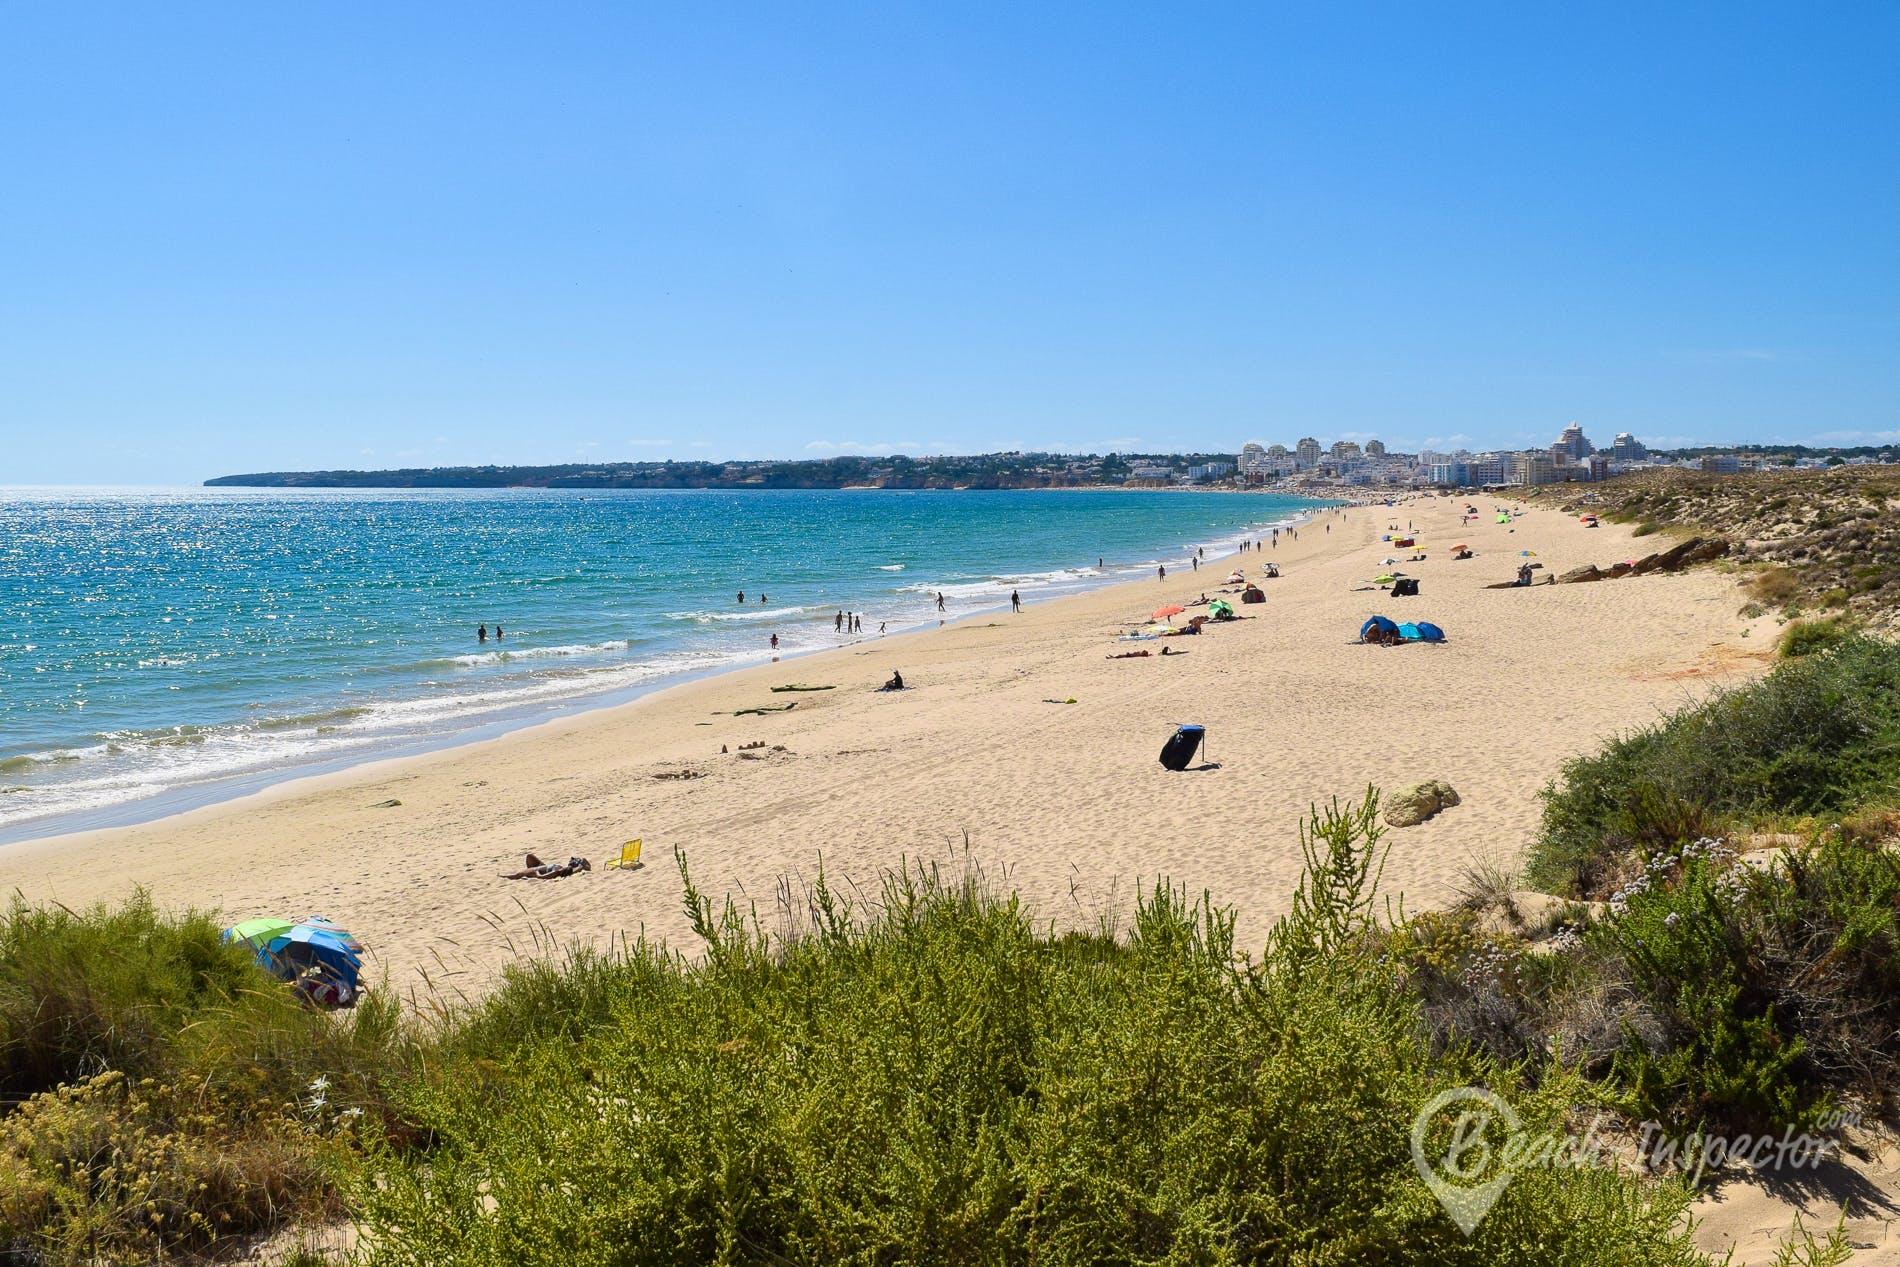 Strand Praia Grande, Algarve, Portugal